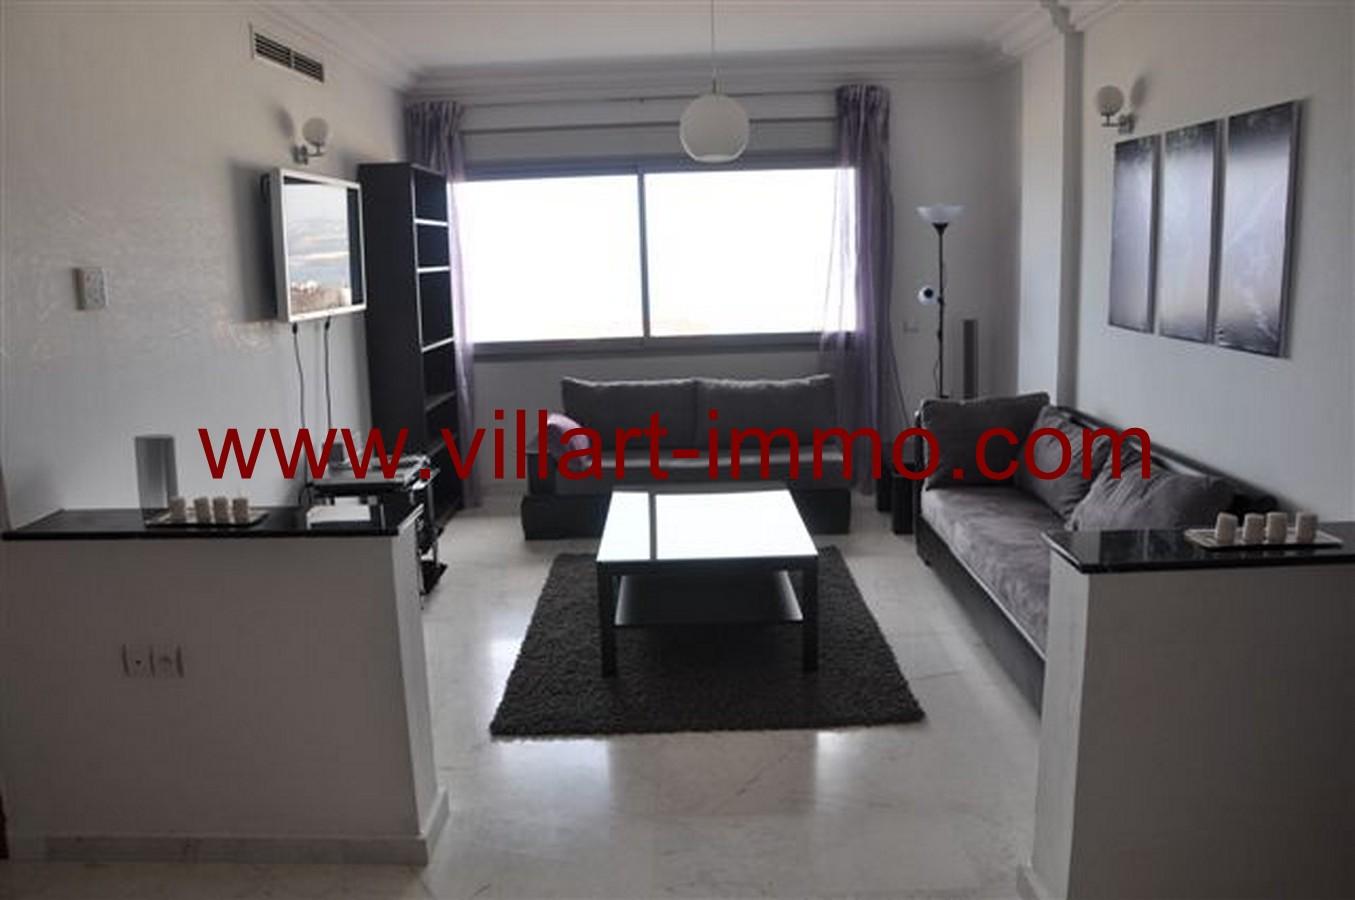 1-Location-Appartement-Meublé-Tanger-Centre ville-Salon-L131-Villart immo